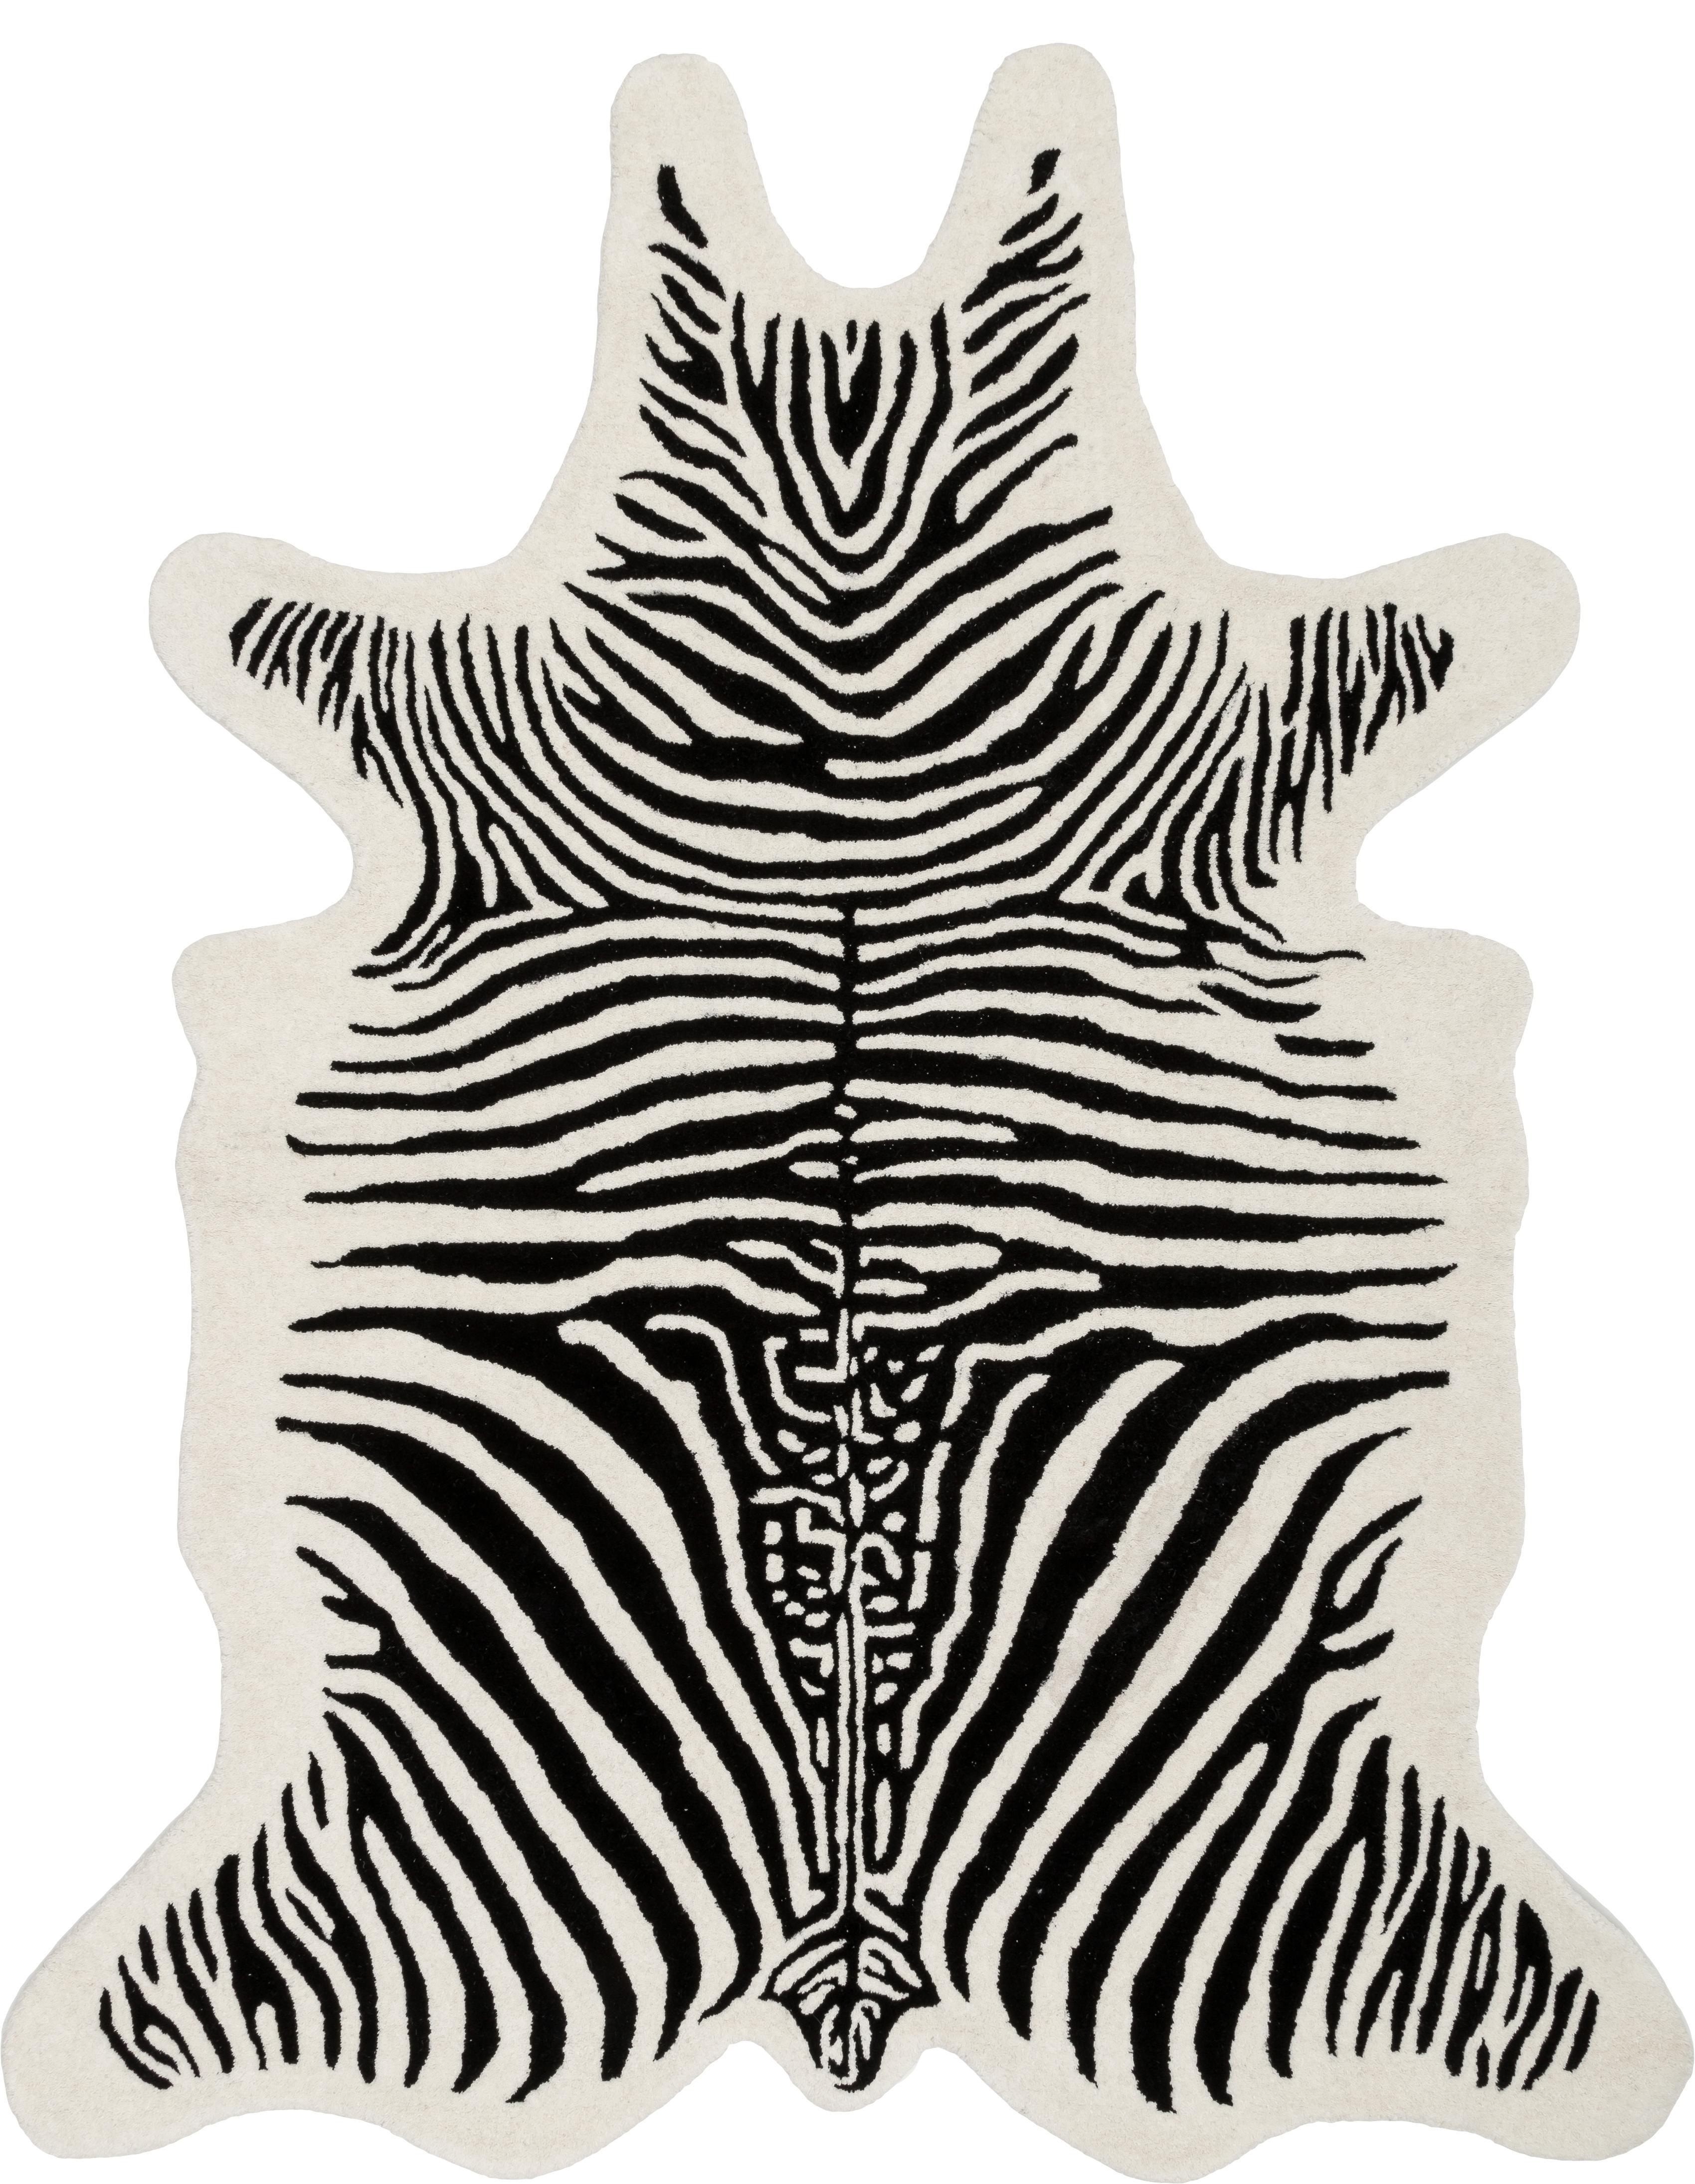 Handgetufteter Wollteppich Savanna Zebra, Flor: 100% Wolle, Schwarz, Creme, B 160 x L 200 cm (Größe M)